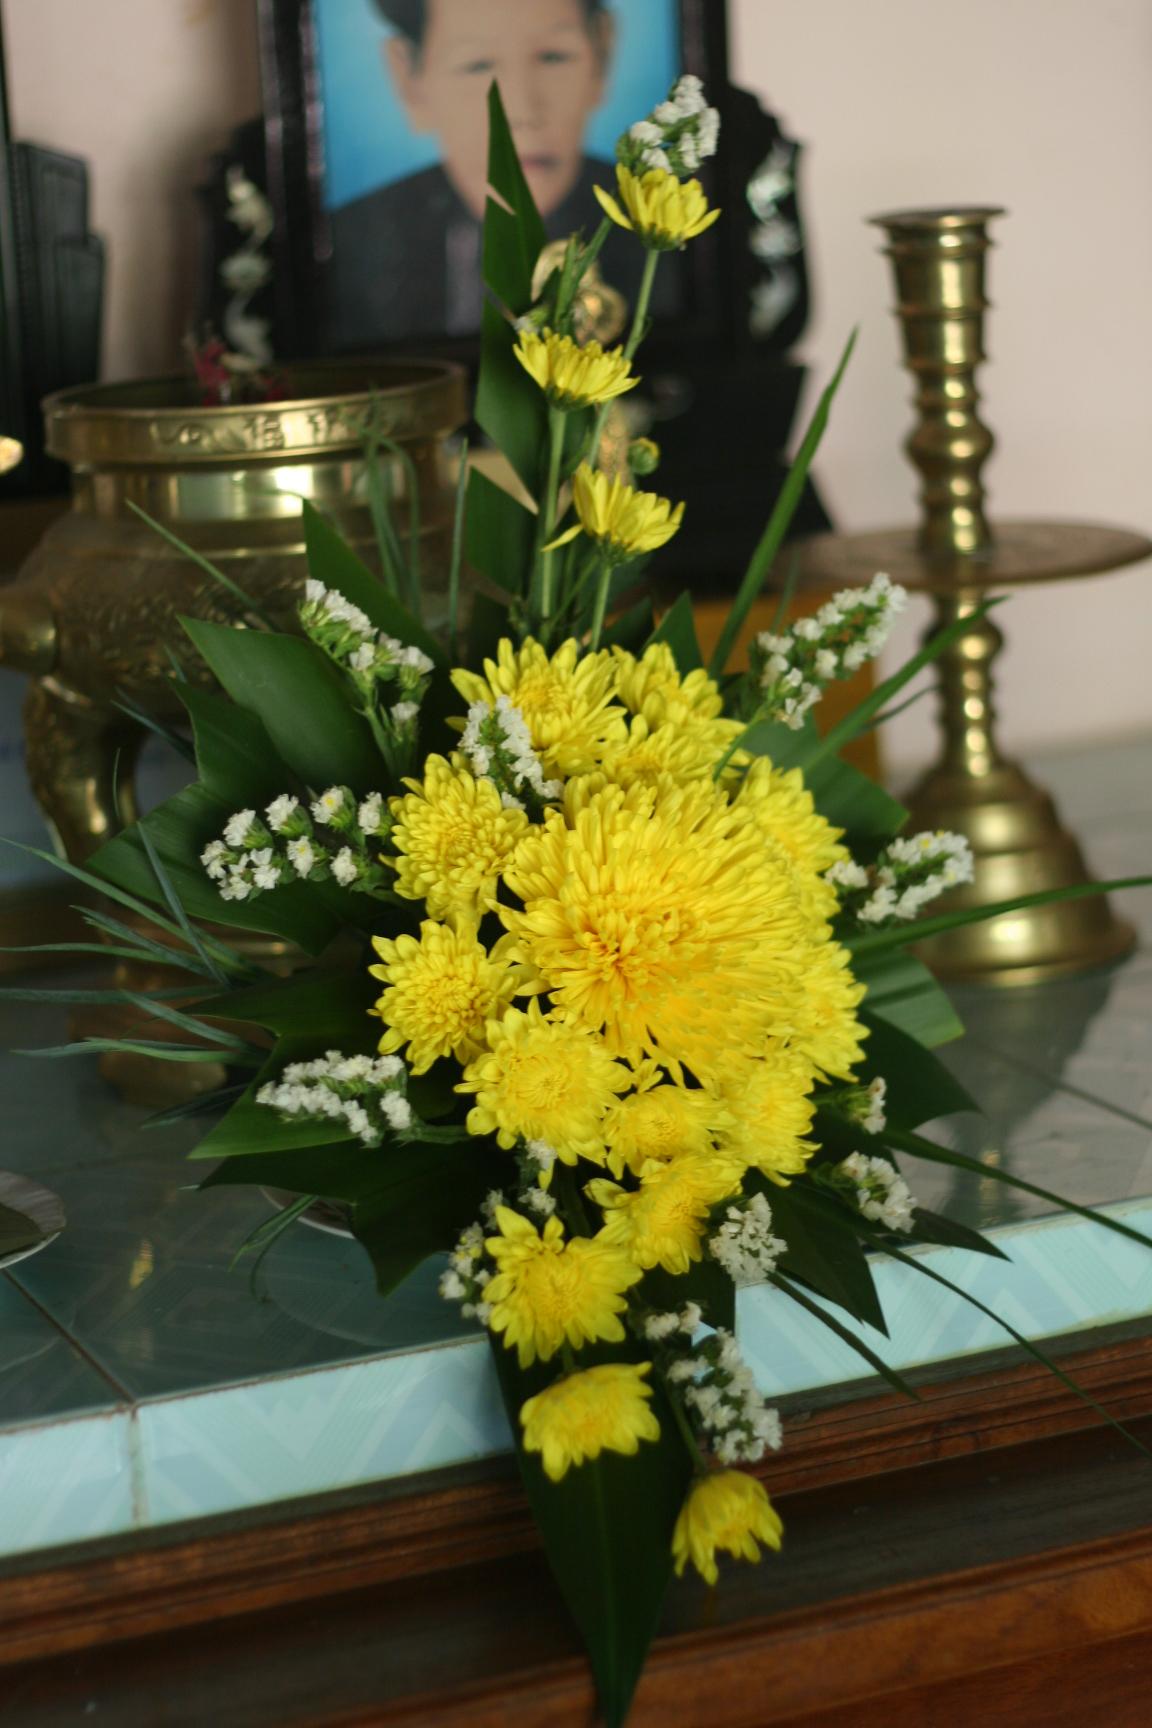 Ảnh cắm hoa bàn thờ bằng hoa cúc đẹp nhất